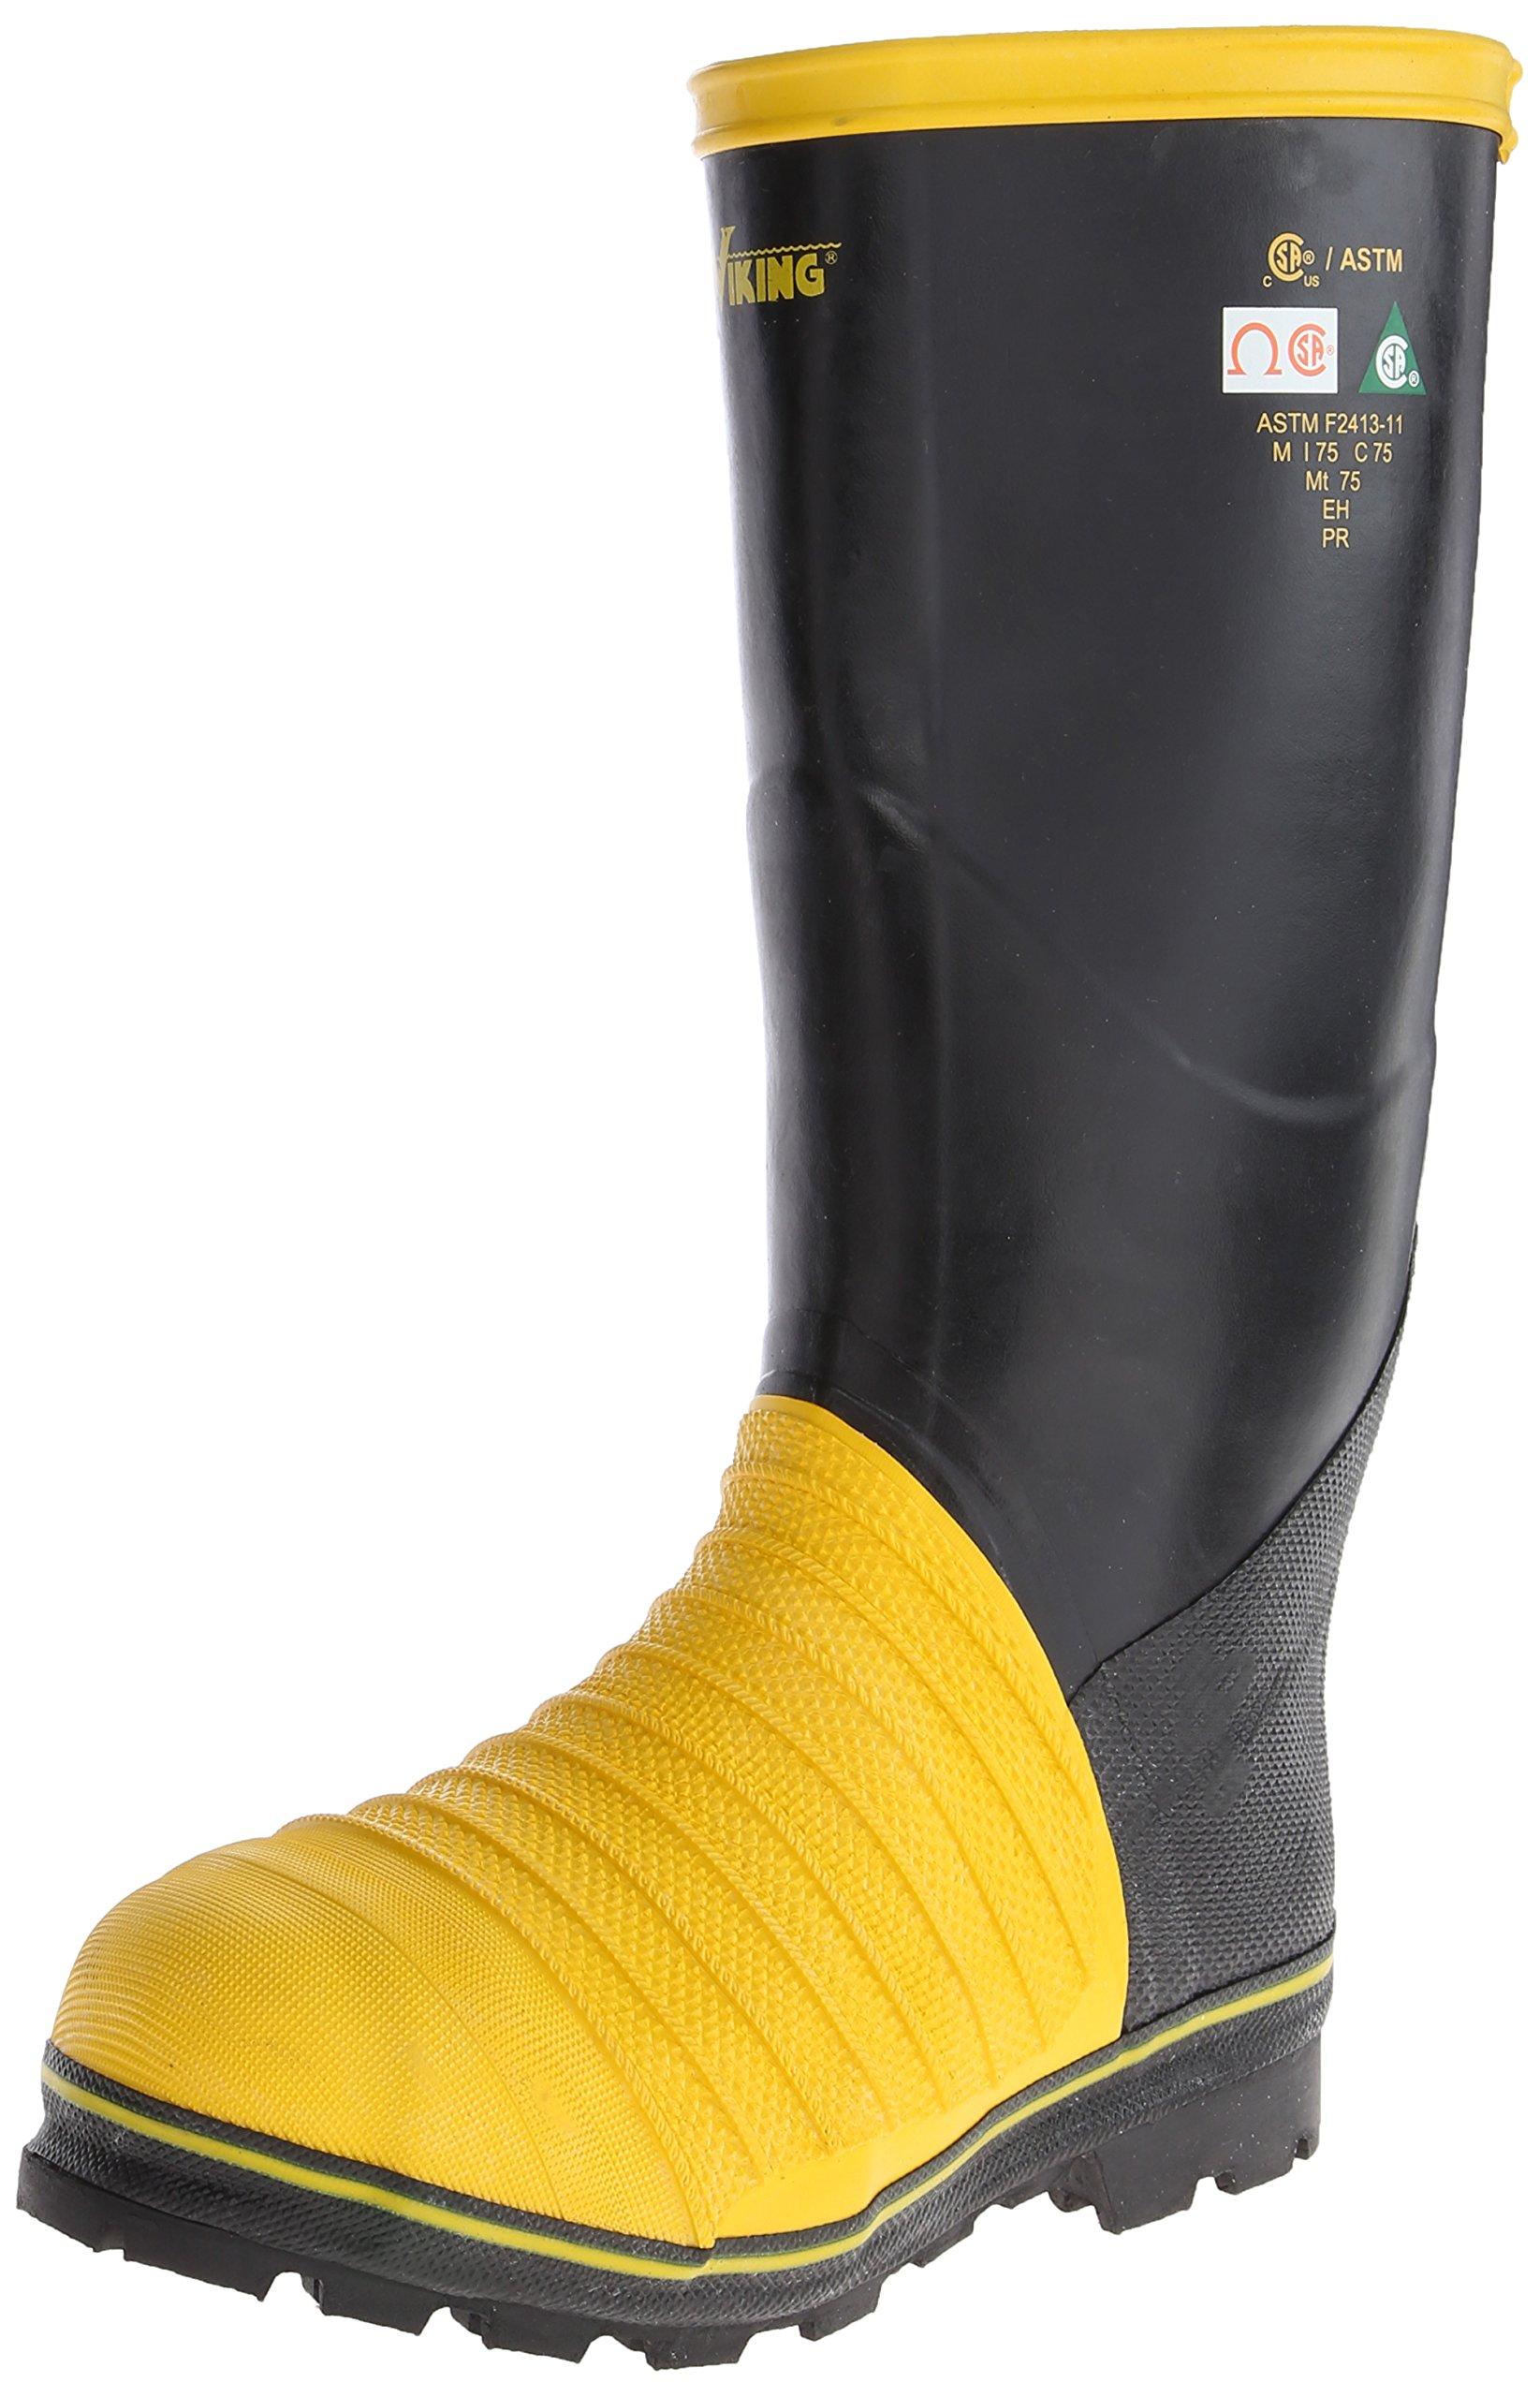 Viking Footwear Miner 49er Tall Waterproof Boot,Black/Yellow,11 M US by Viking Footwear